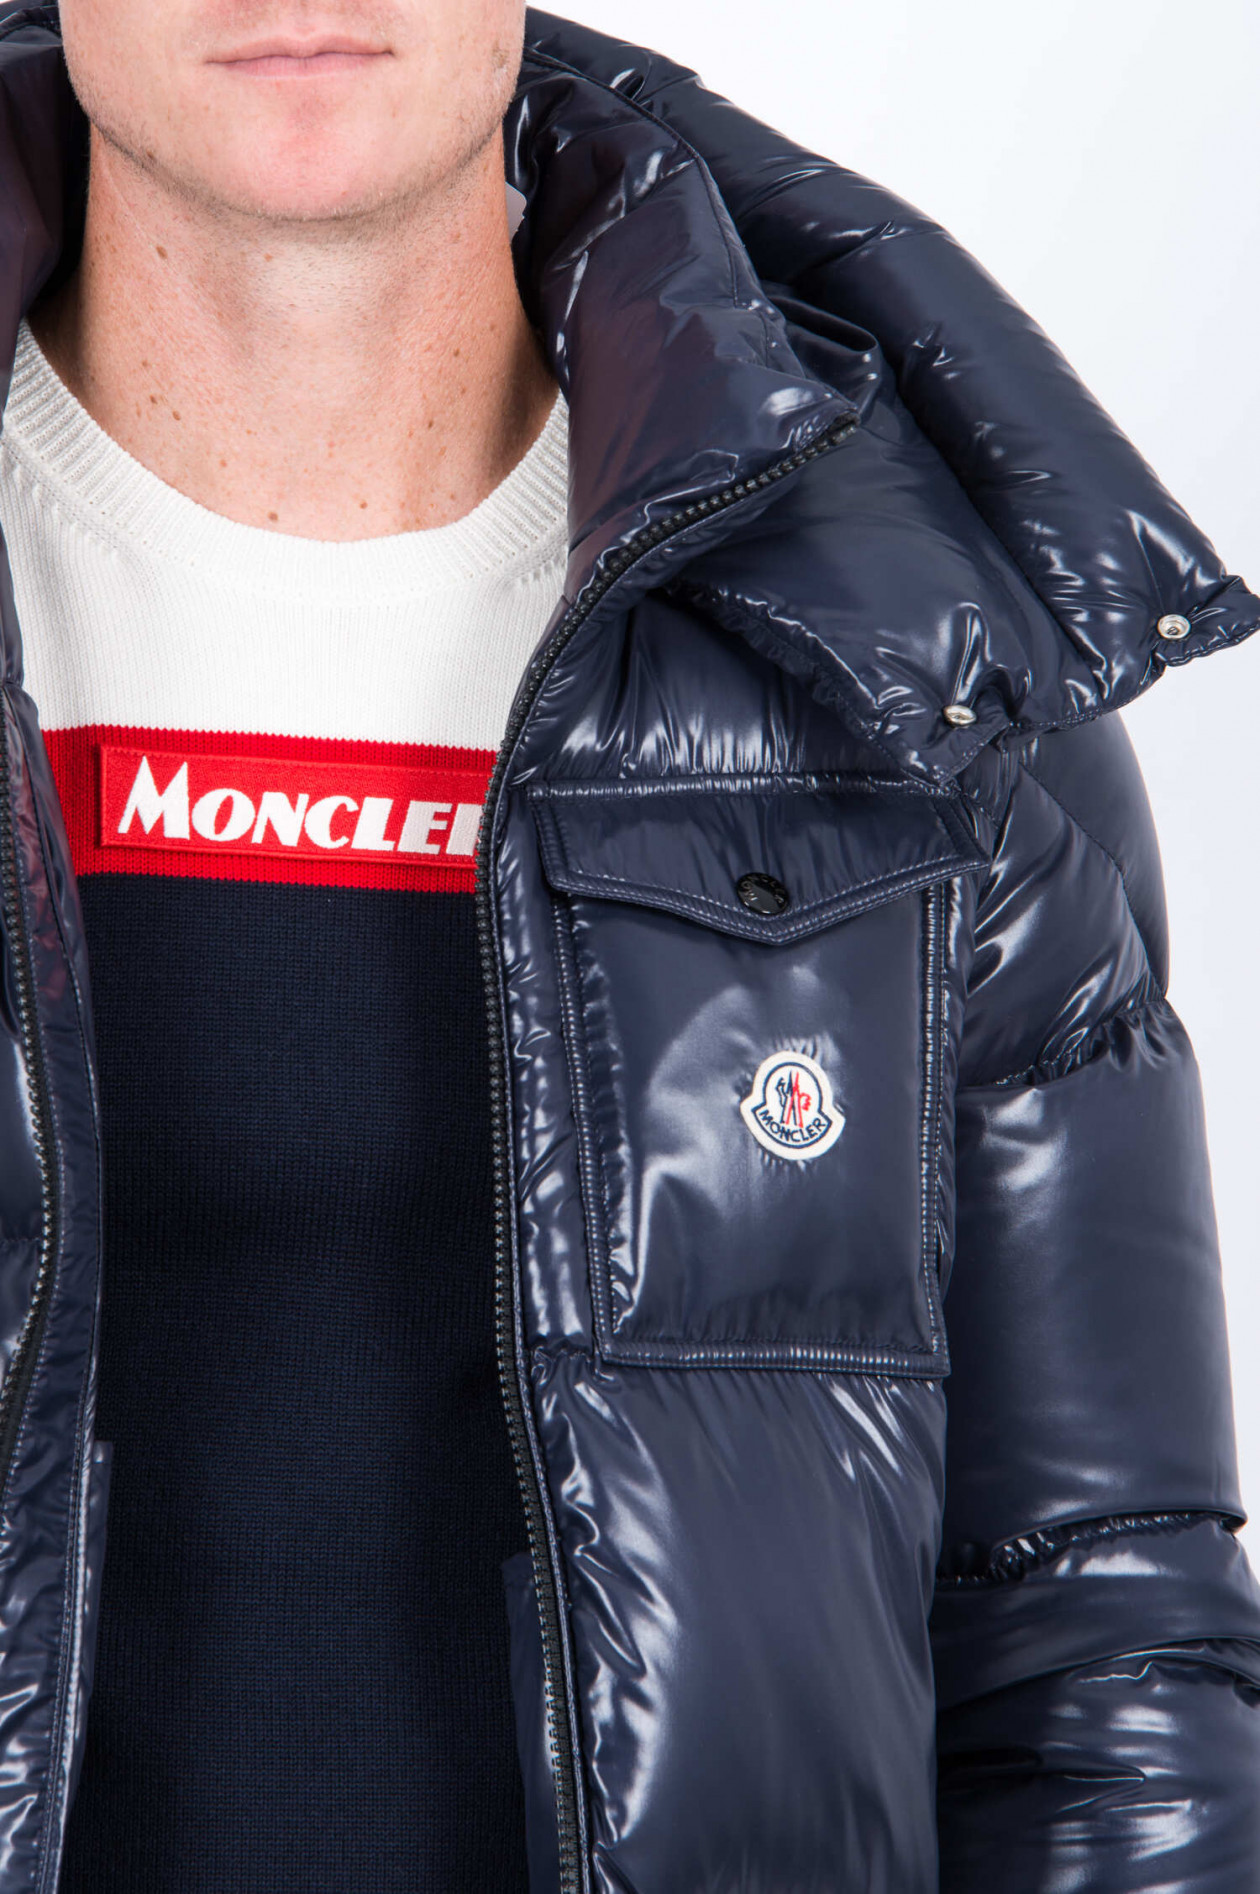 Moncler Jacken aus Polyester Schwarz Größe 1 6713910